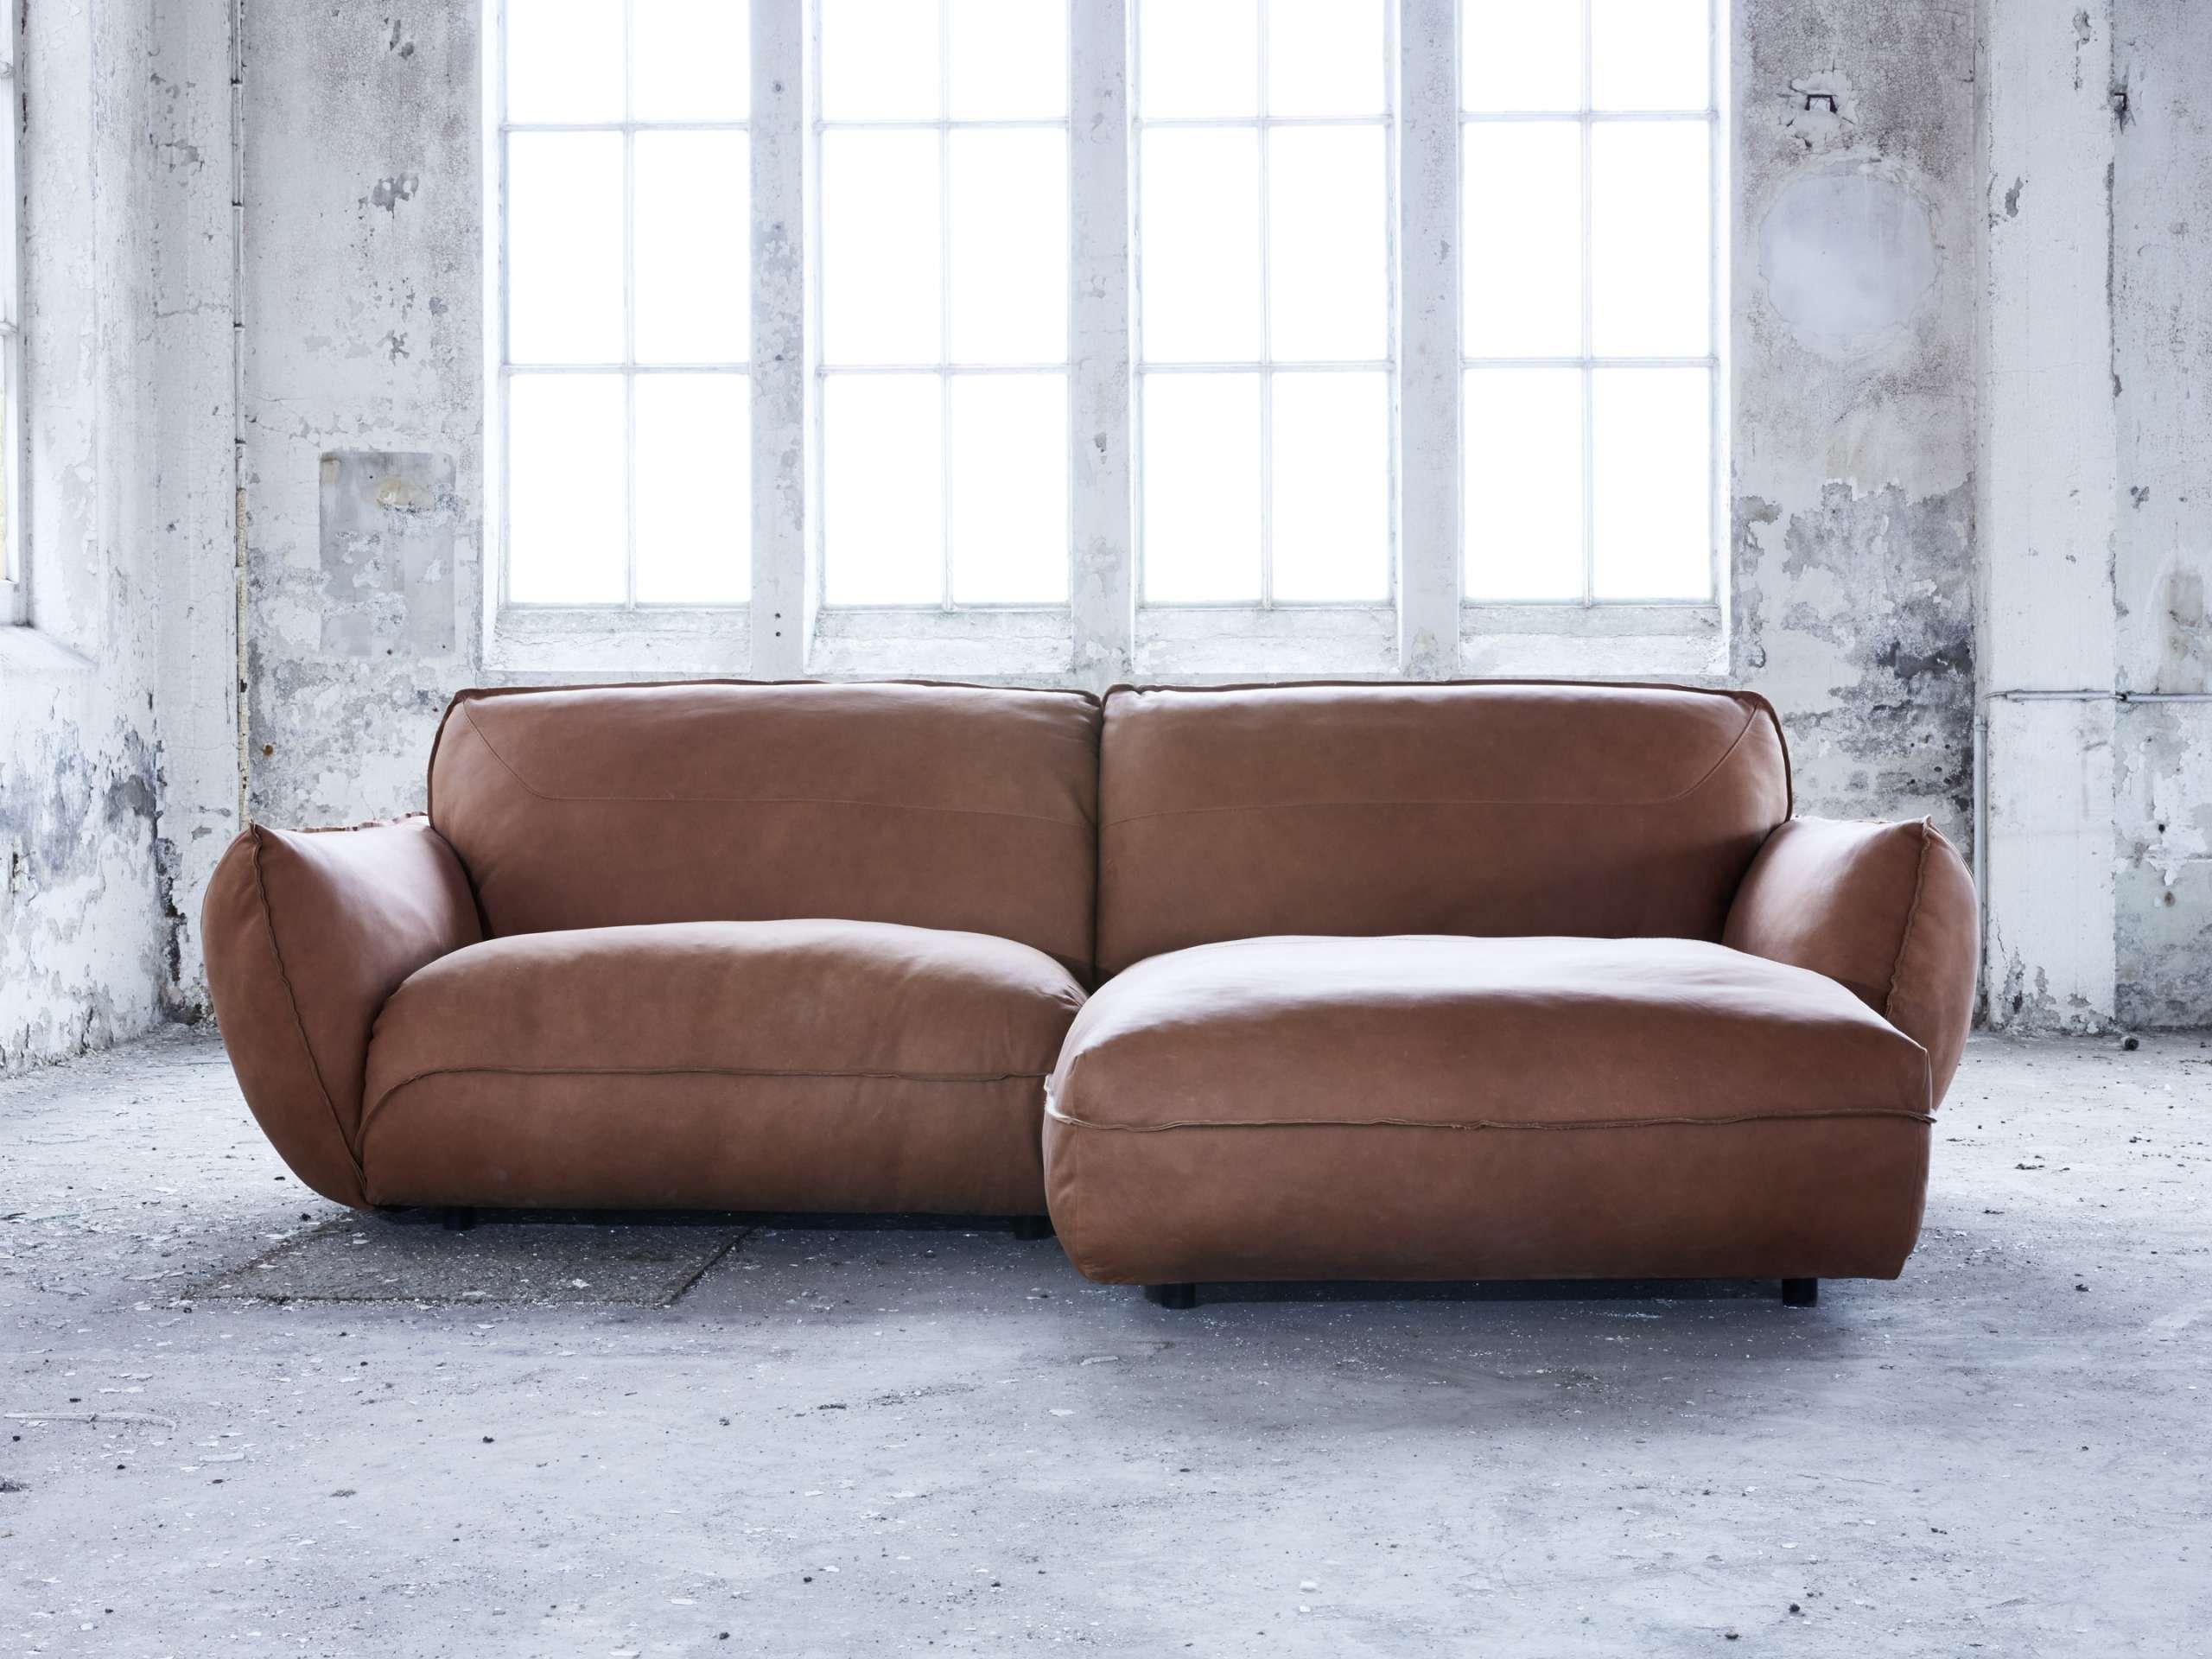 Sofa Mit Bettkasten Und Schlaffunktion Ikea Sofas Angebote Inspirierend 35 Schon Couch Mit Be In 2020 Sofa Couch Home Decor